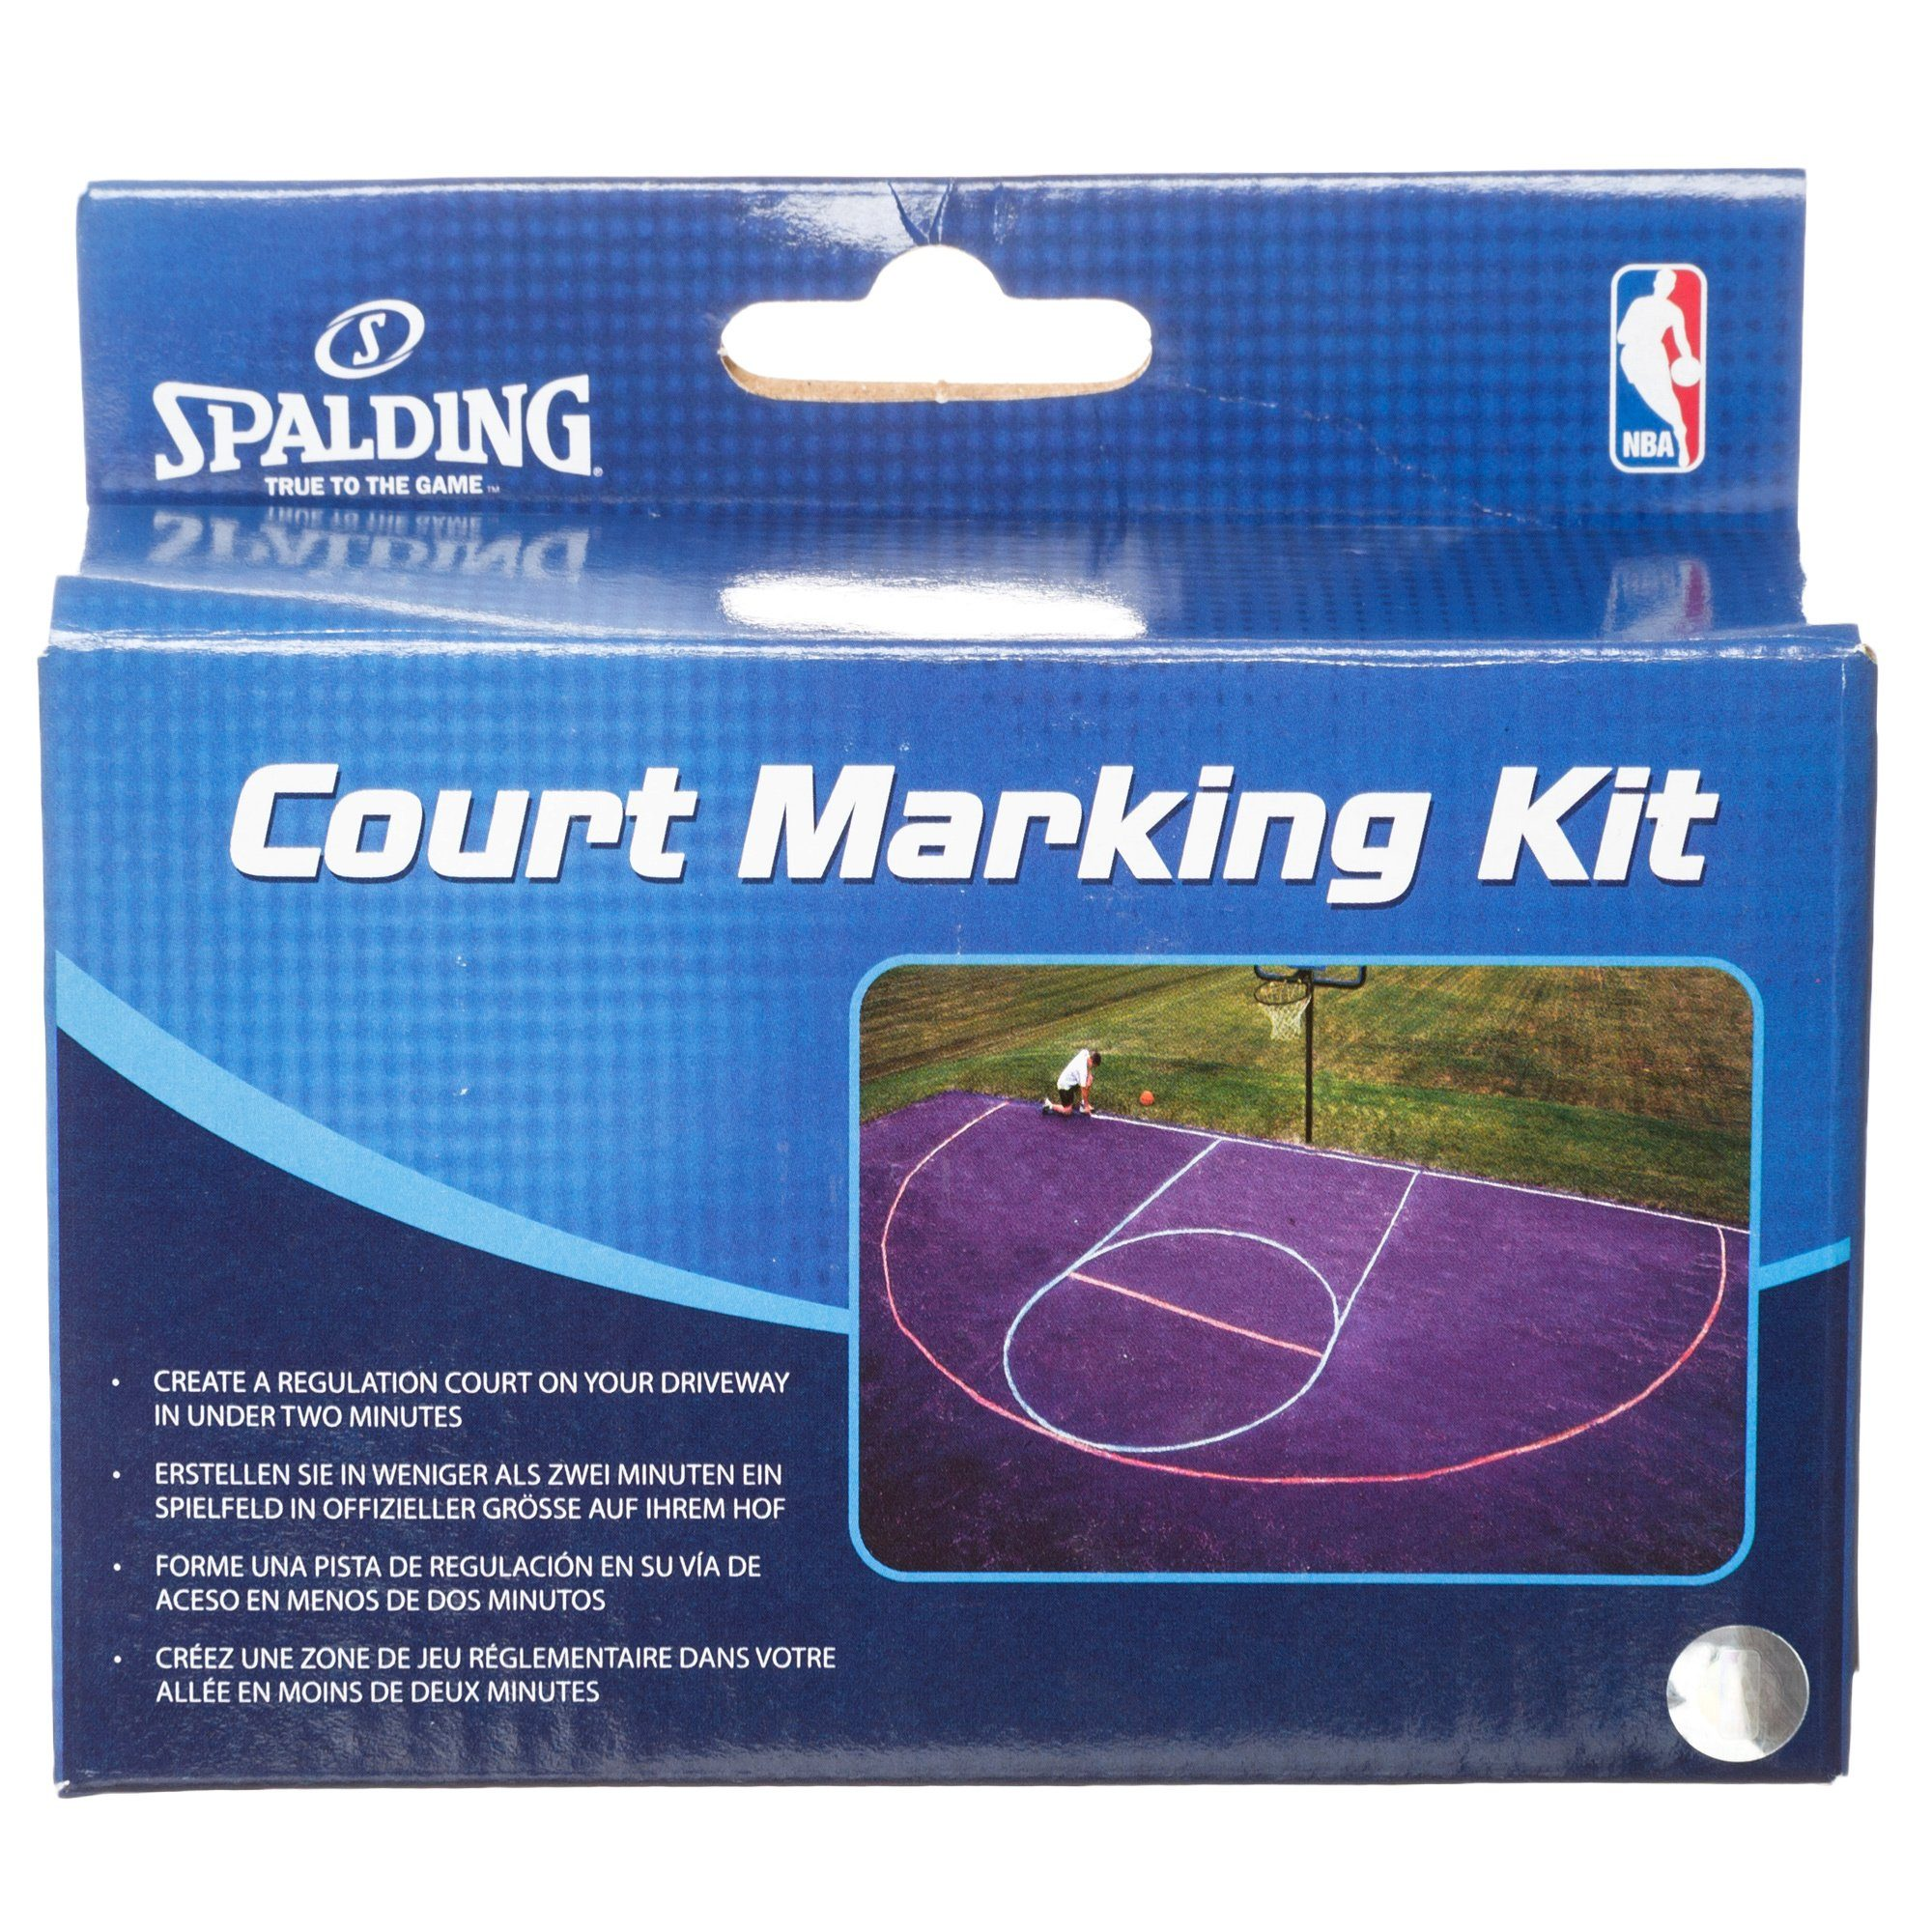 SPALDING Marking Kit